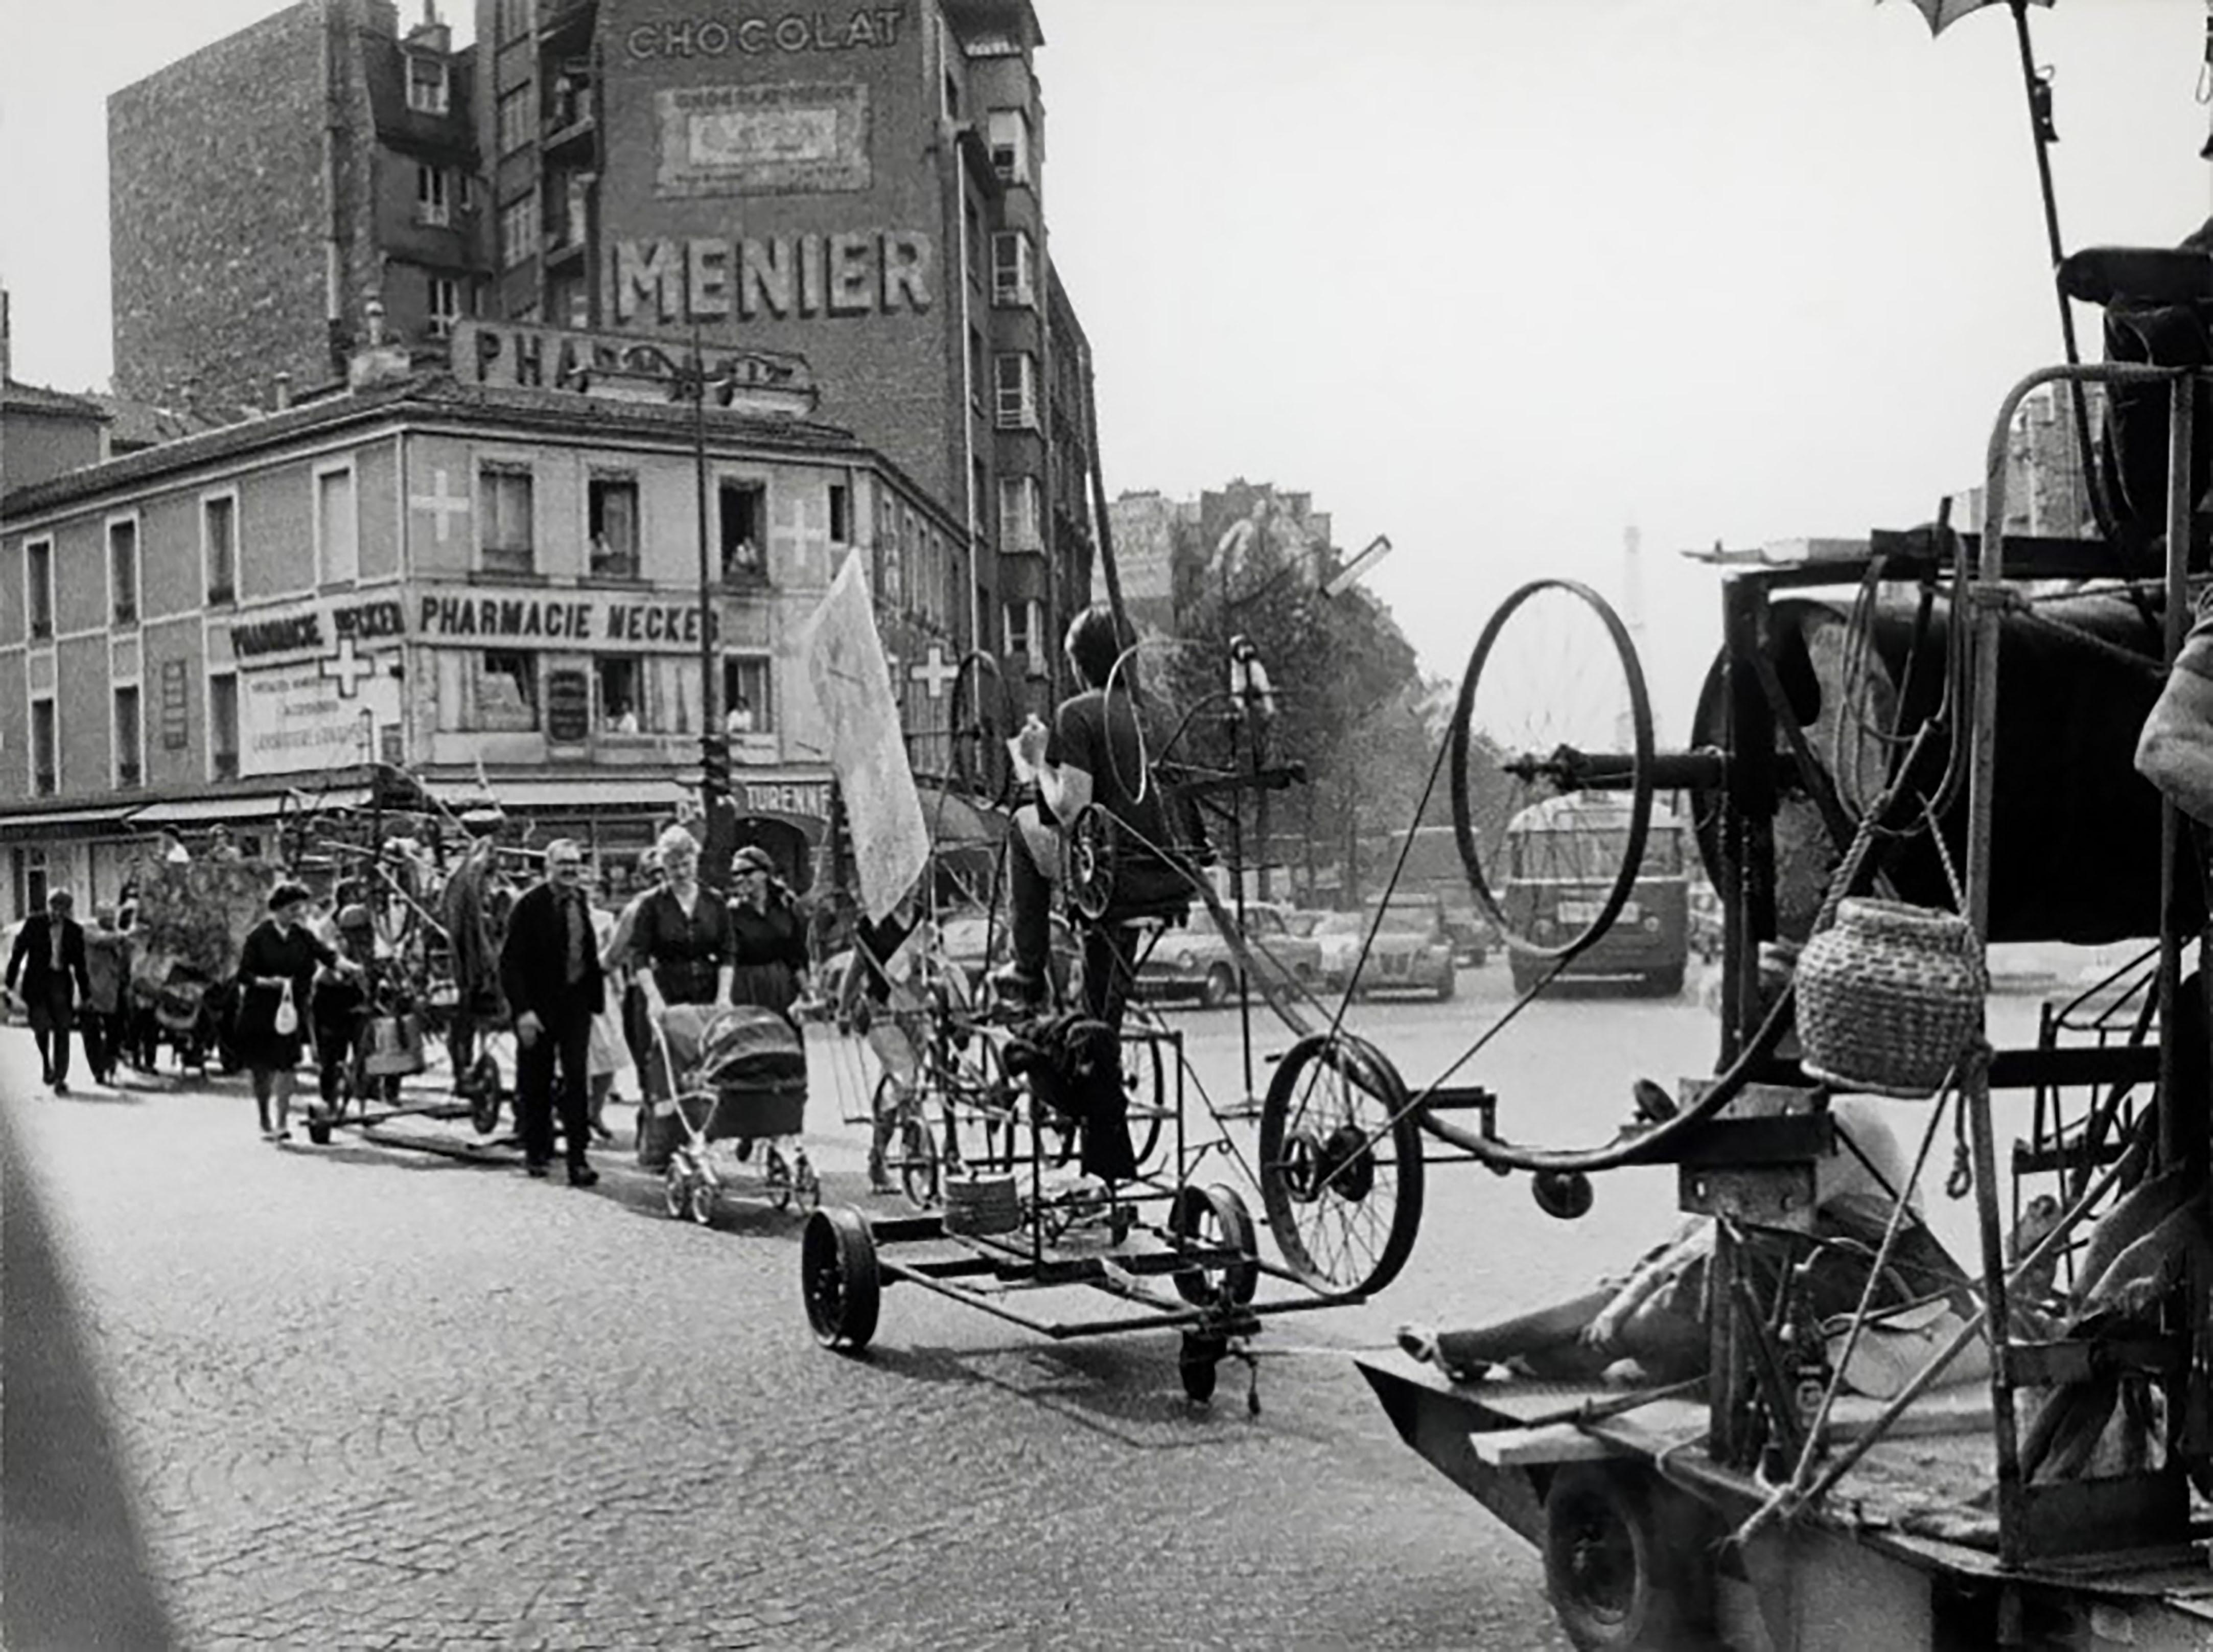 Jean Tinguelys Le Transport von seinem Atelier in der Impasse Ronsin zur Galerie des Quatre Saisons, Paris, 13.05.1960 © Foto: Christer Strömholm / Strömholm Estate